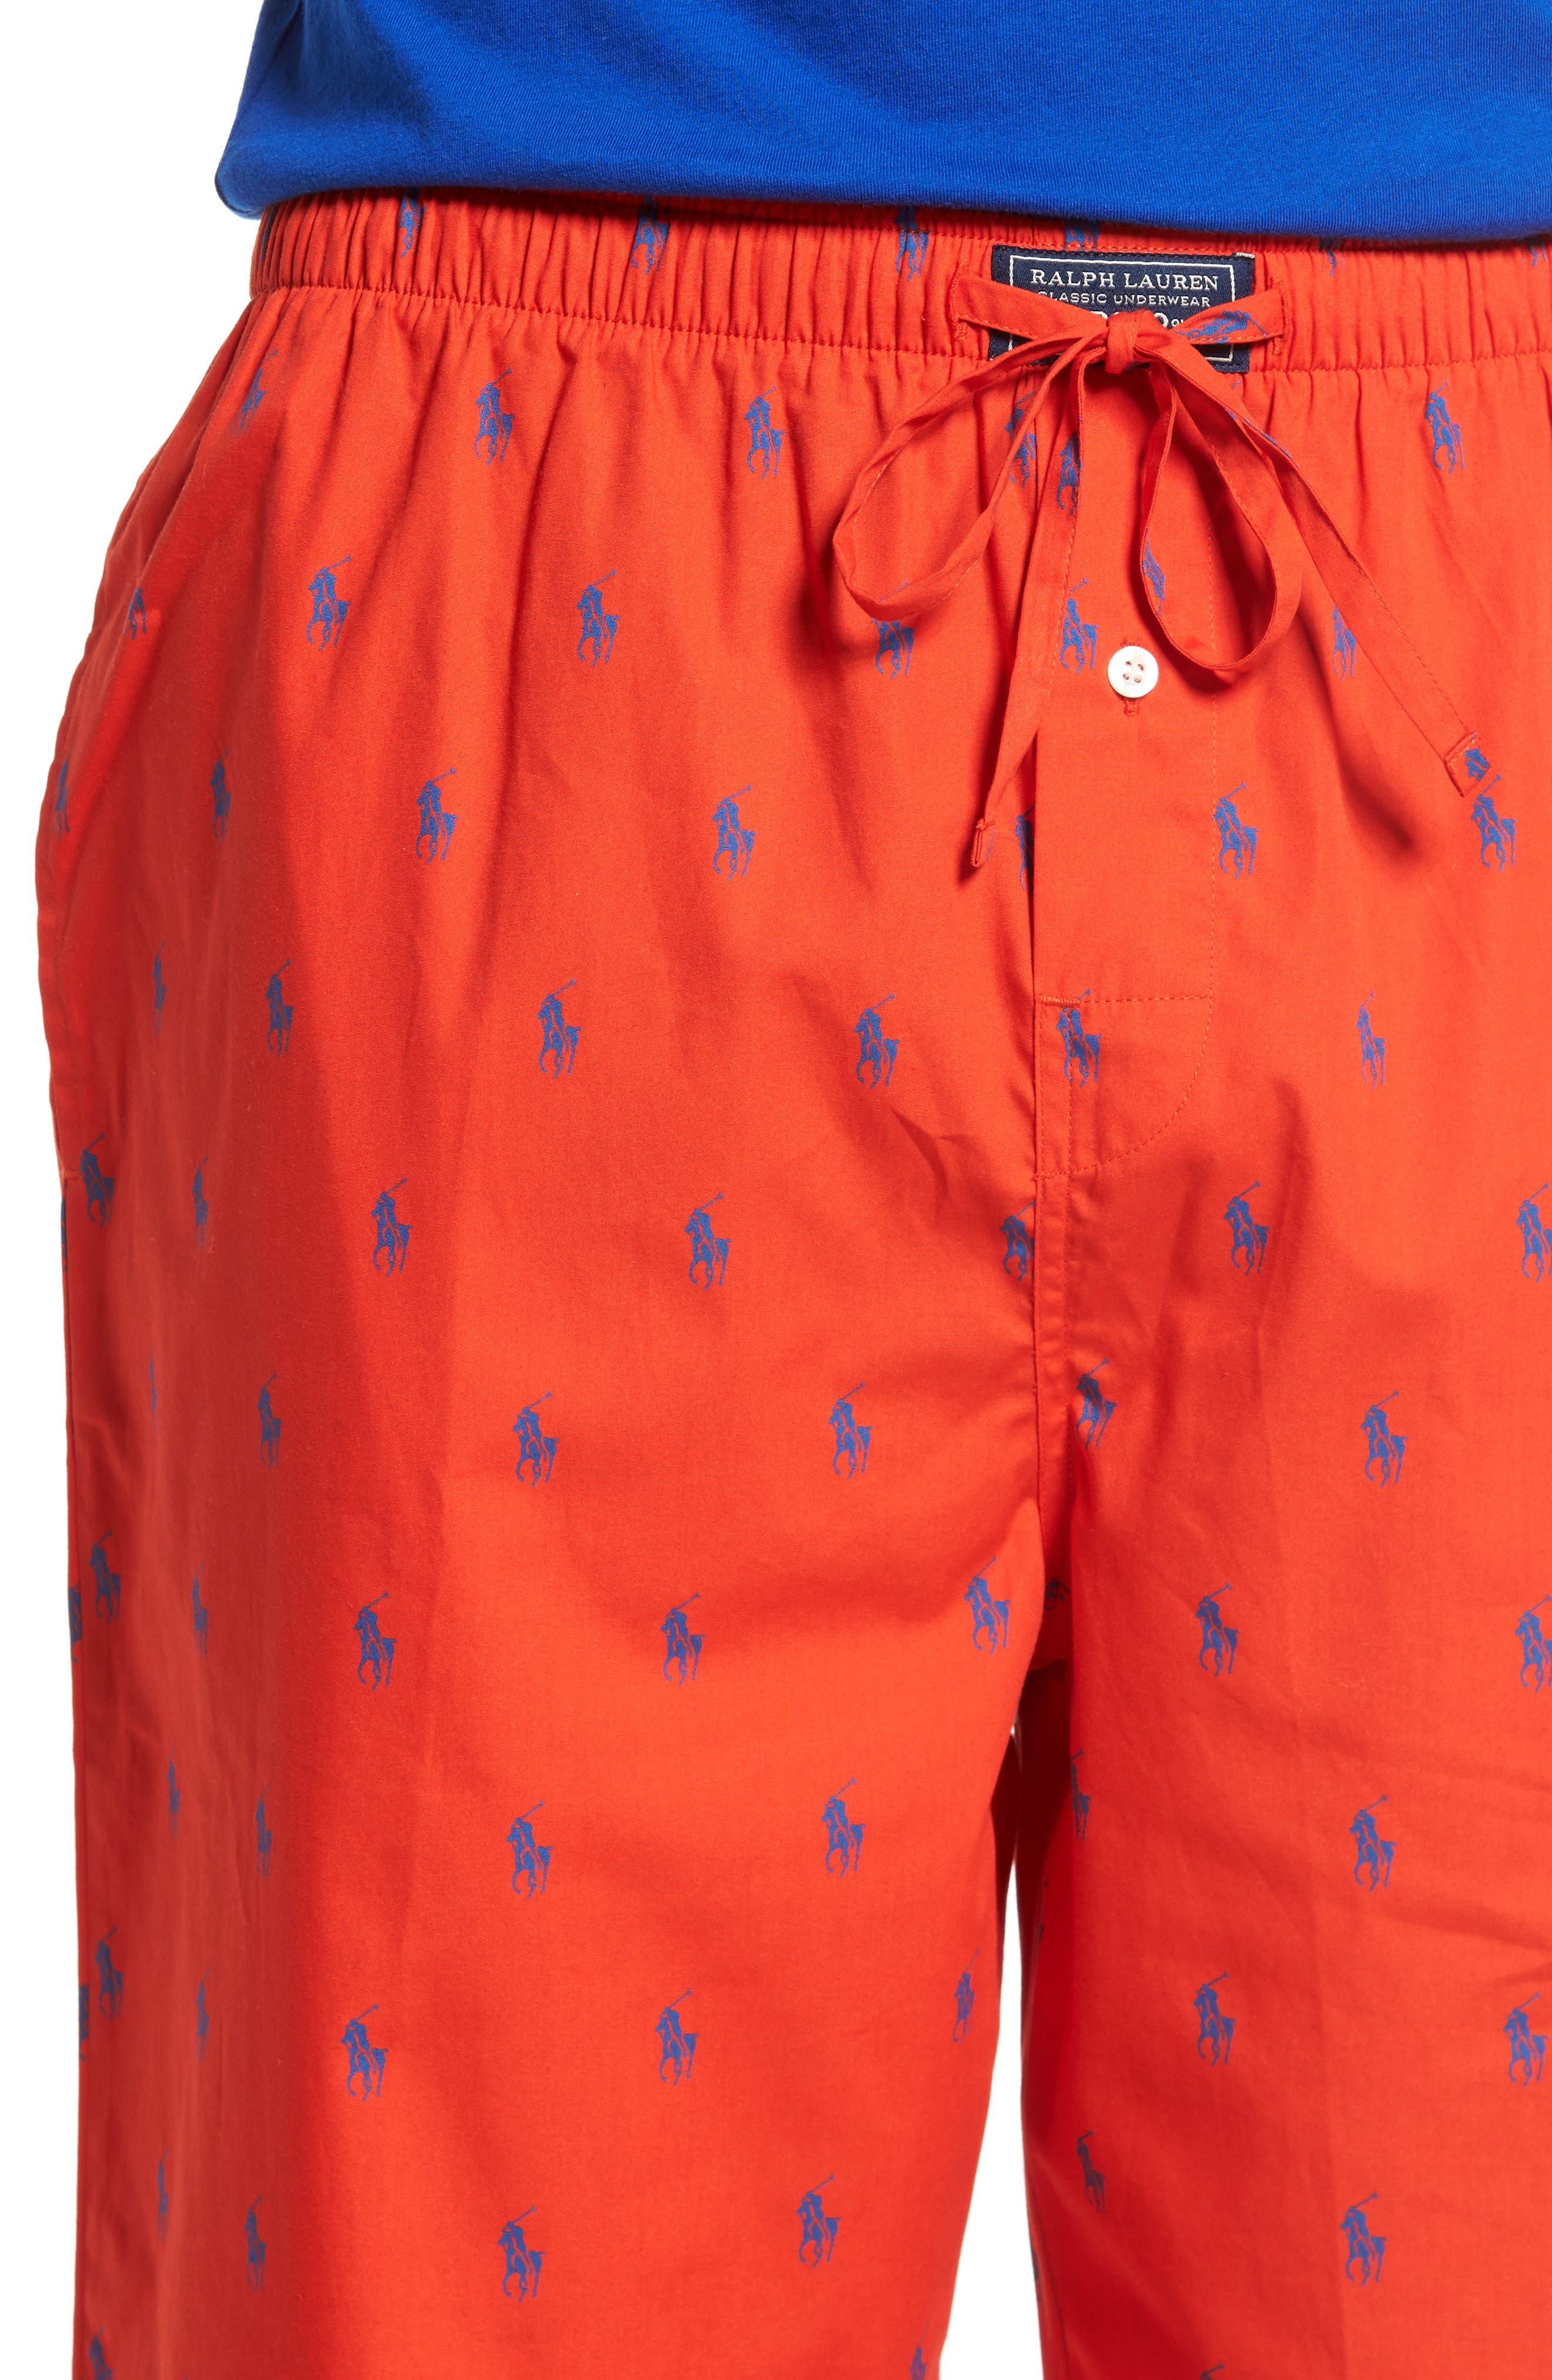 Polo Ralph Lauren Cotton Lounge Pants,                             Alternate thumbnail 20, color,